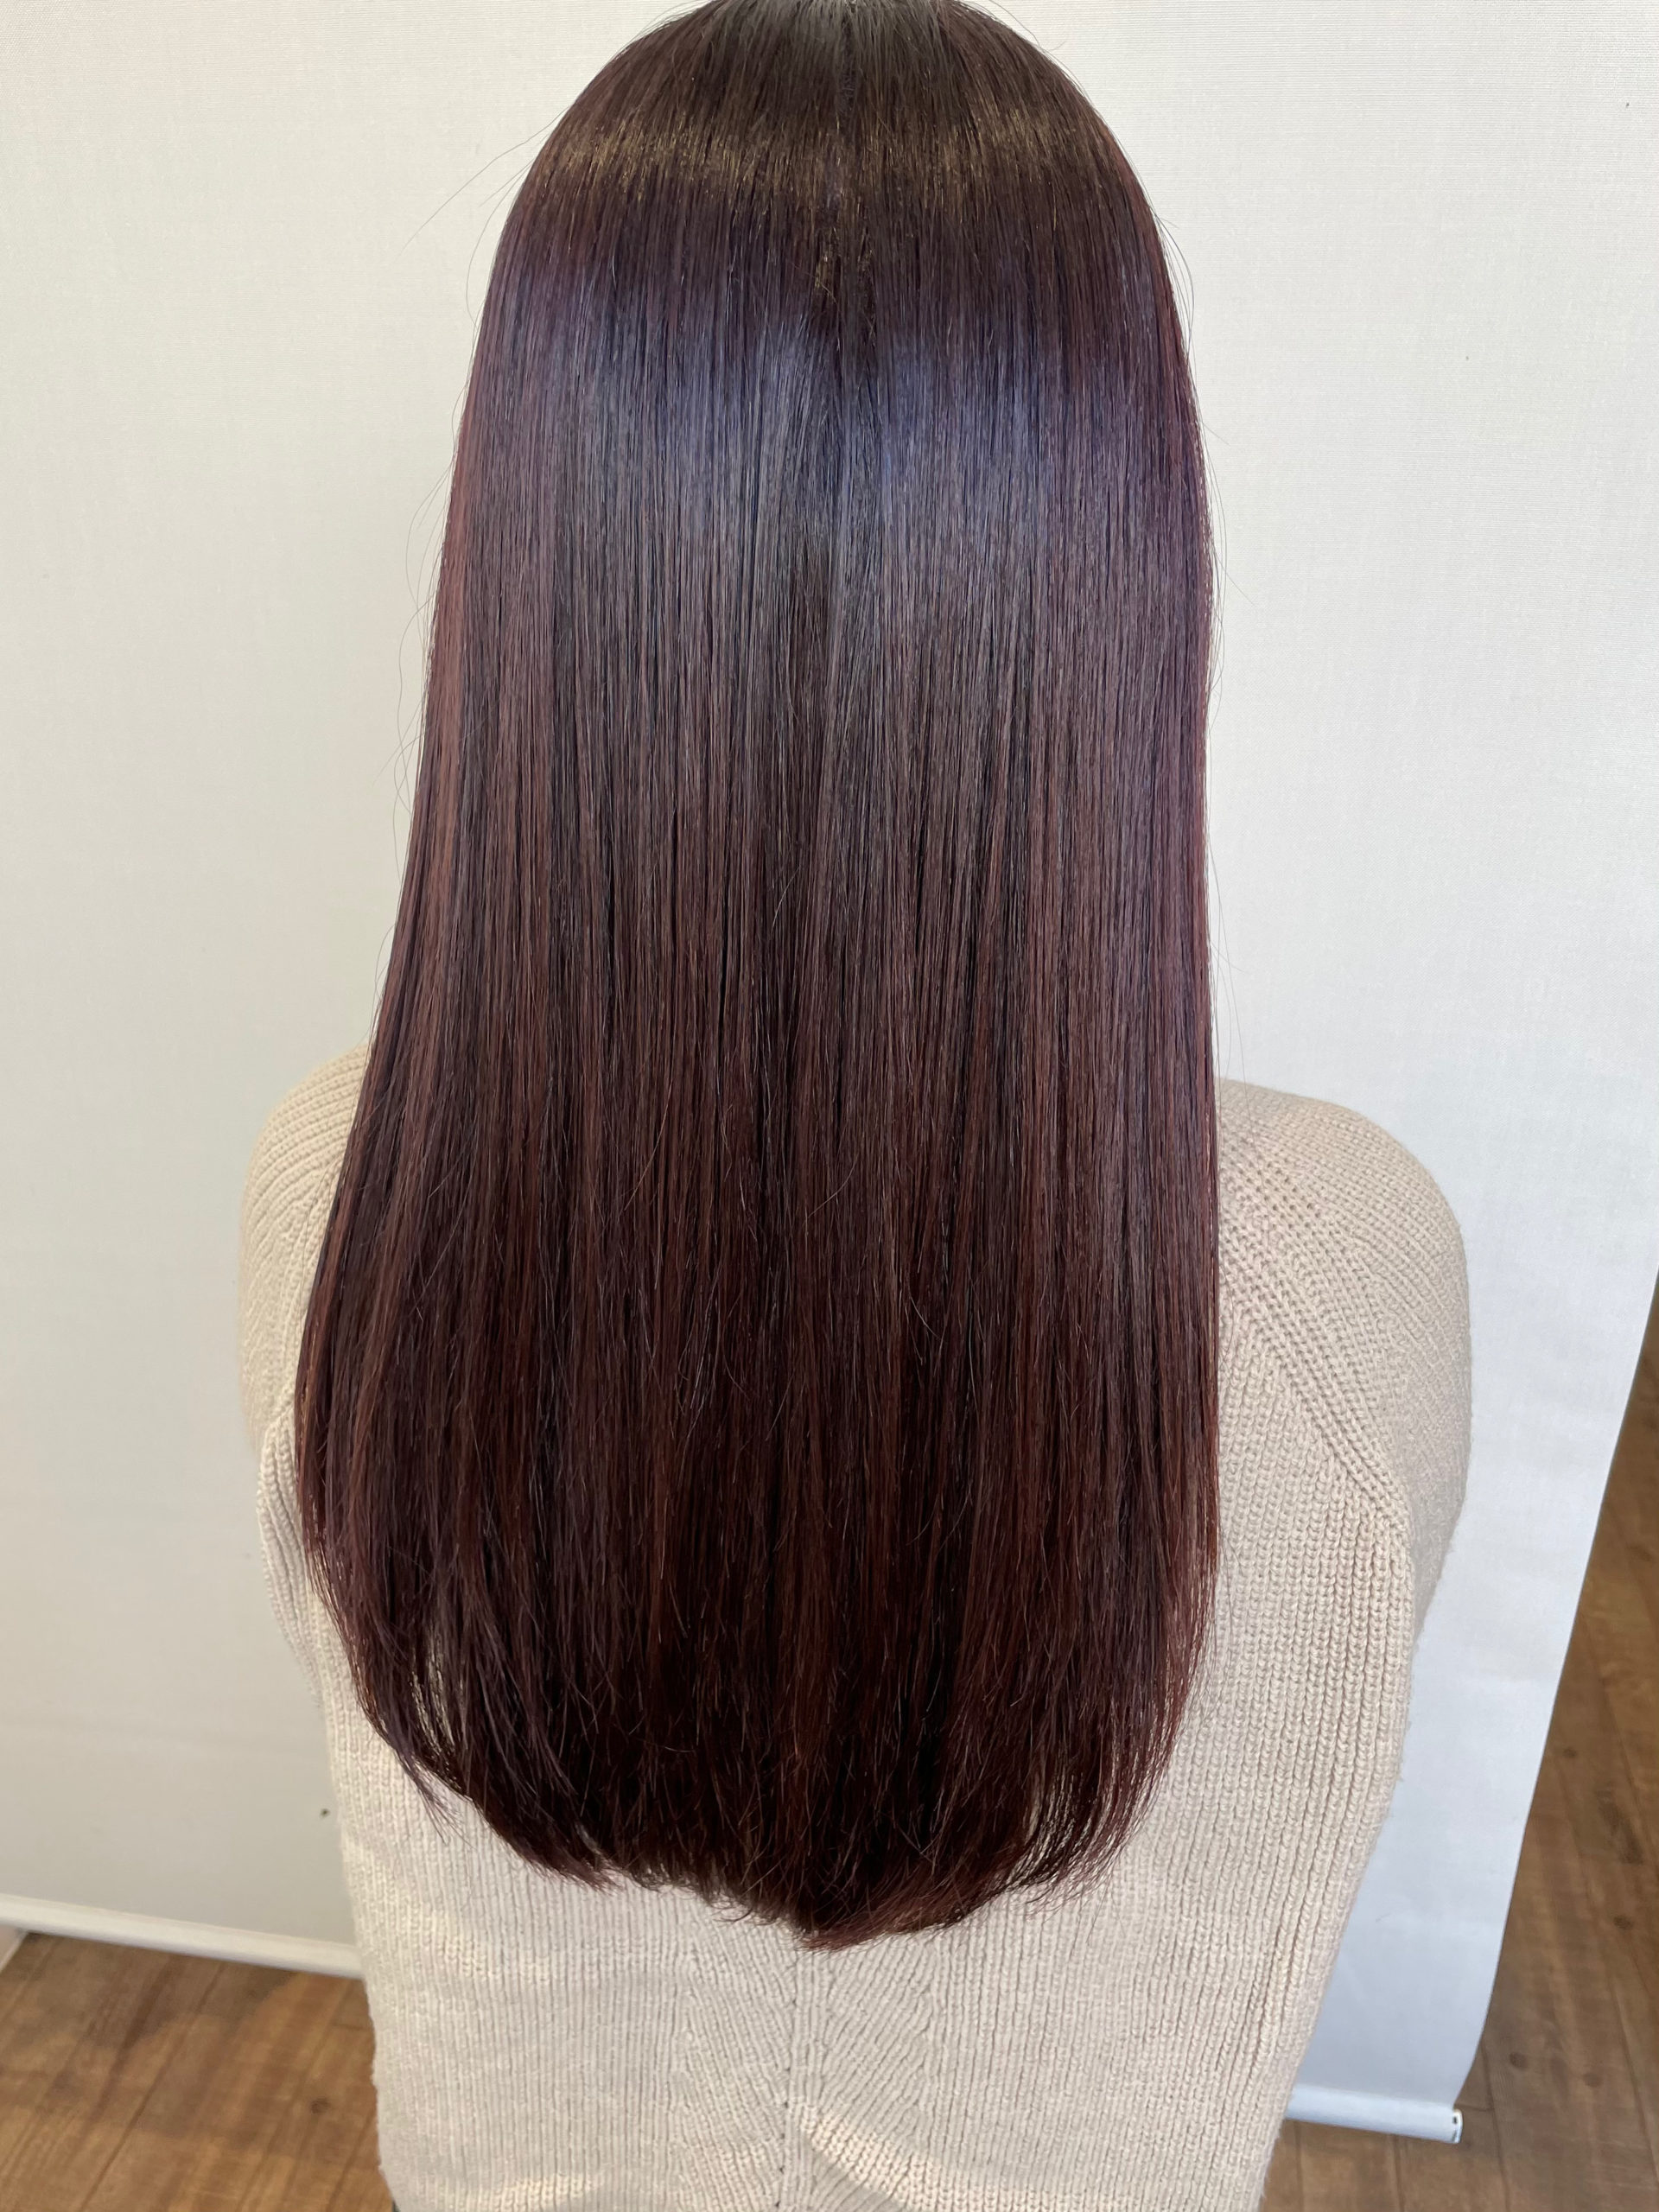 大分県別府市 トリートメントとケアカラーの組み合わせで極上のツヤ髪 ローズレッドのヘアカラー アフター